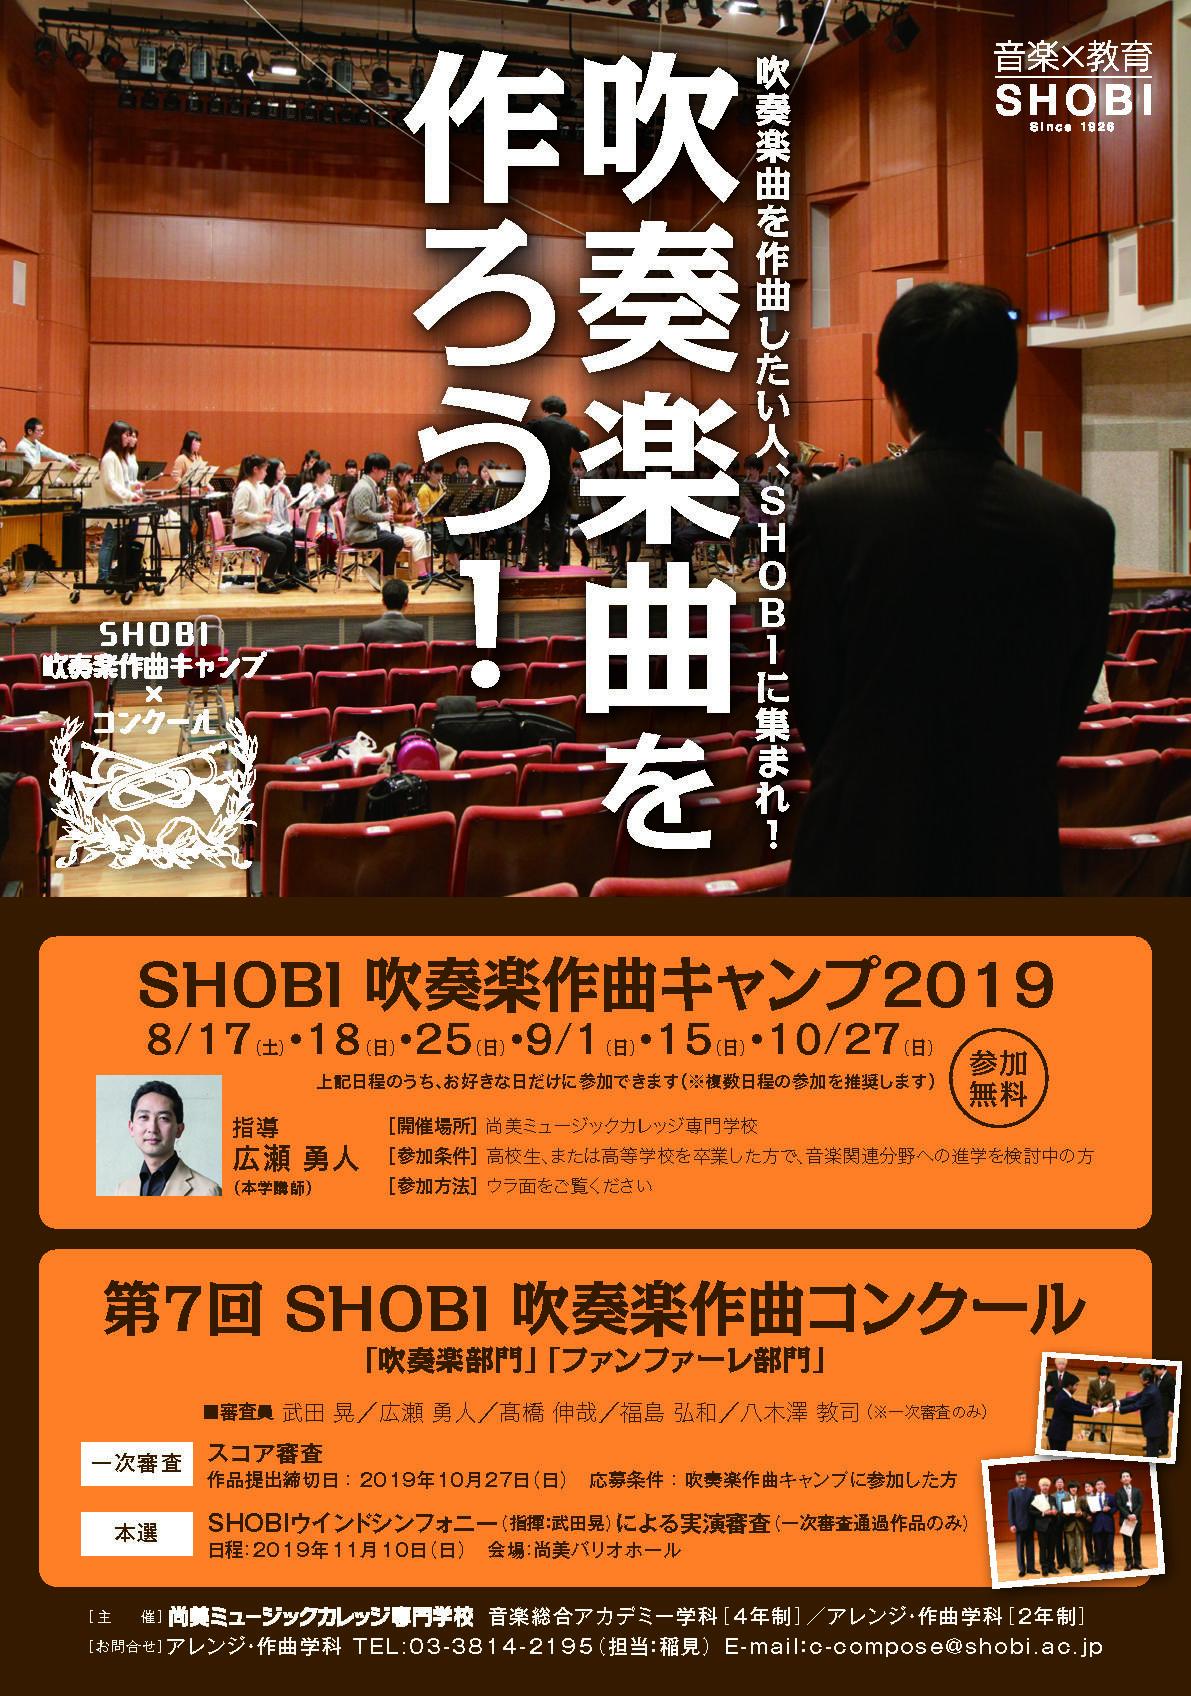 https://www.shobi.ac.jp/event/0fd2e86290728c52644eb1f4a721e5e682a5196d.jpg